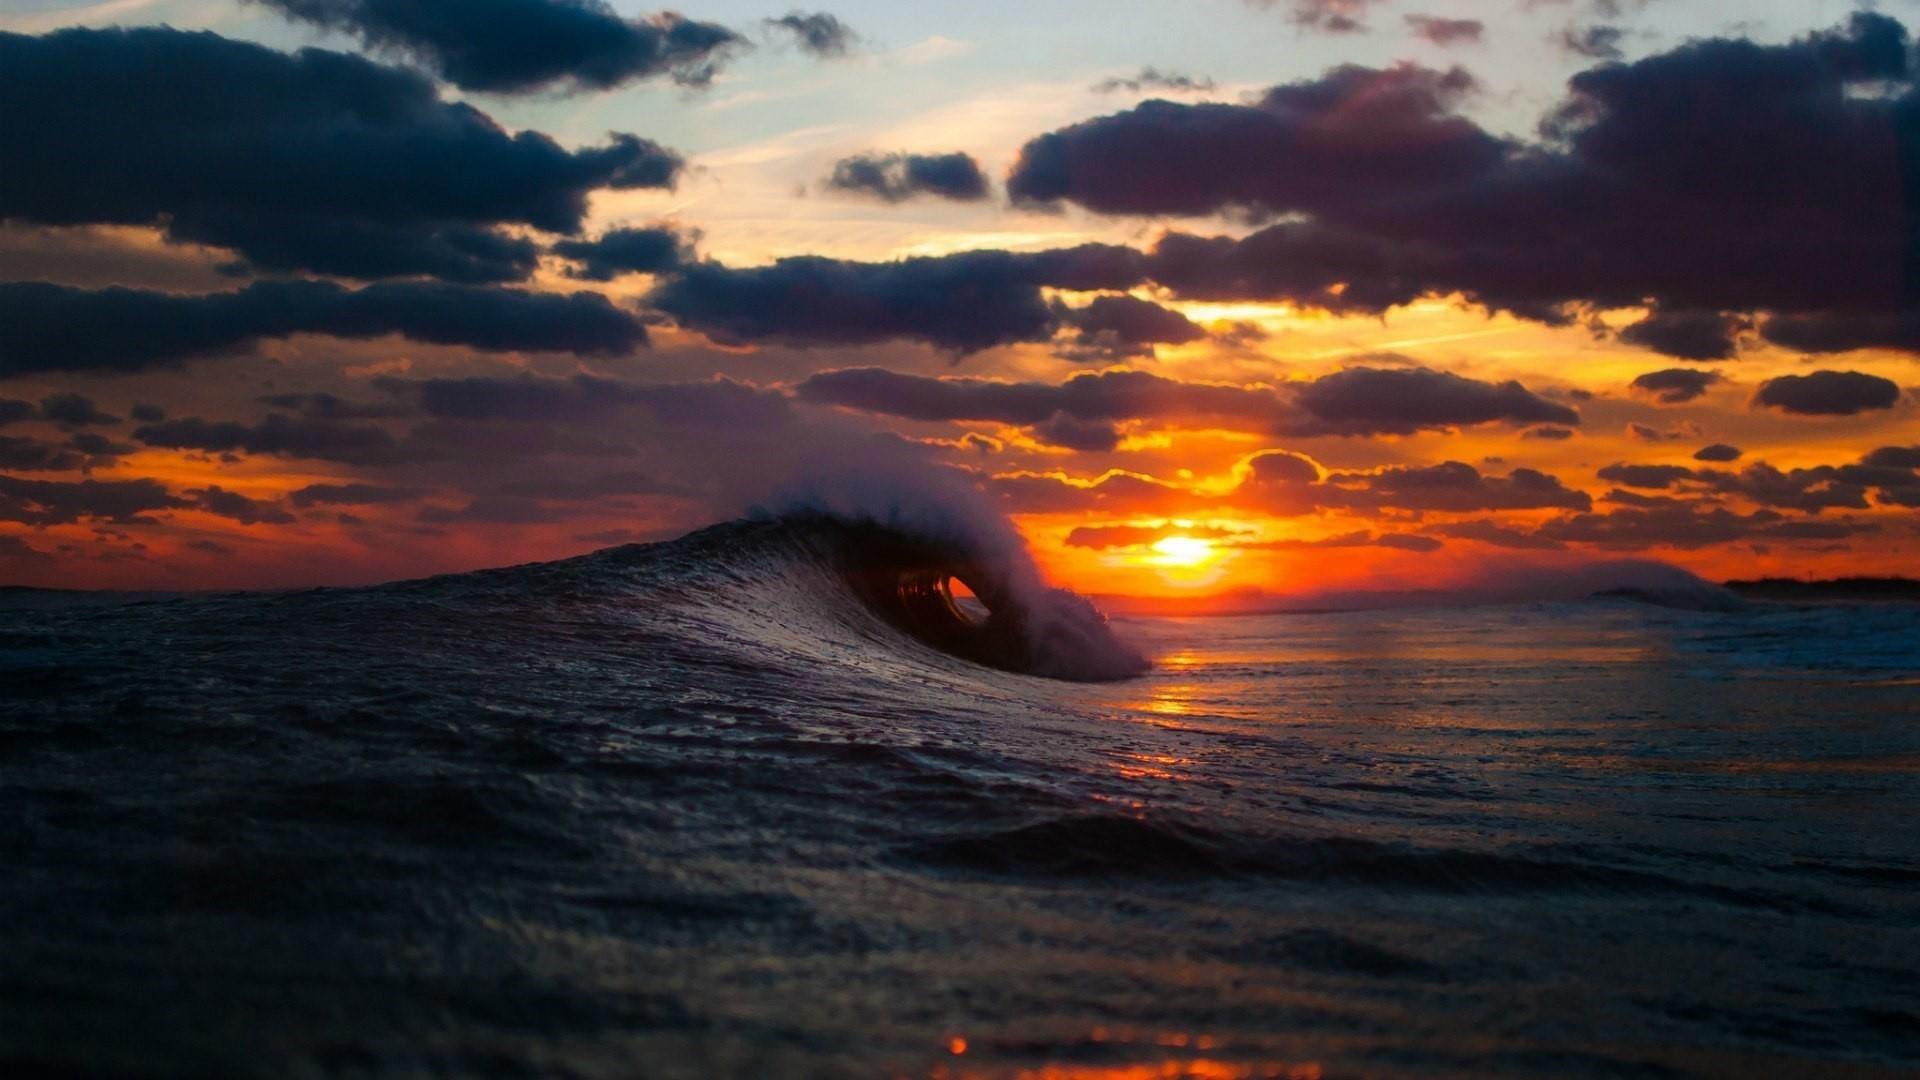 ocean wave in the sunset wallpaper | wallpaper studio 10 | tens of